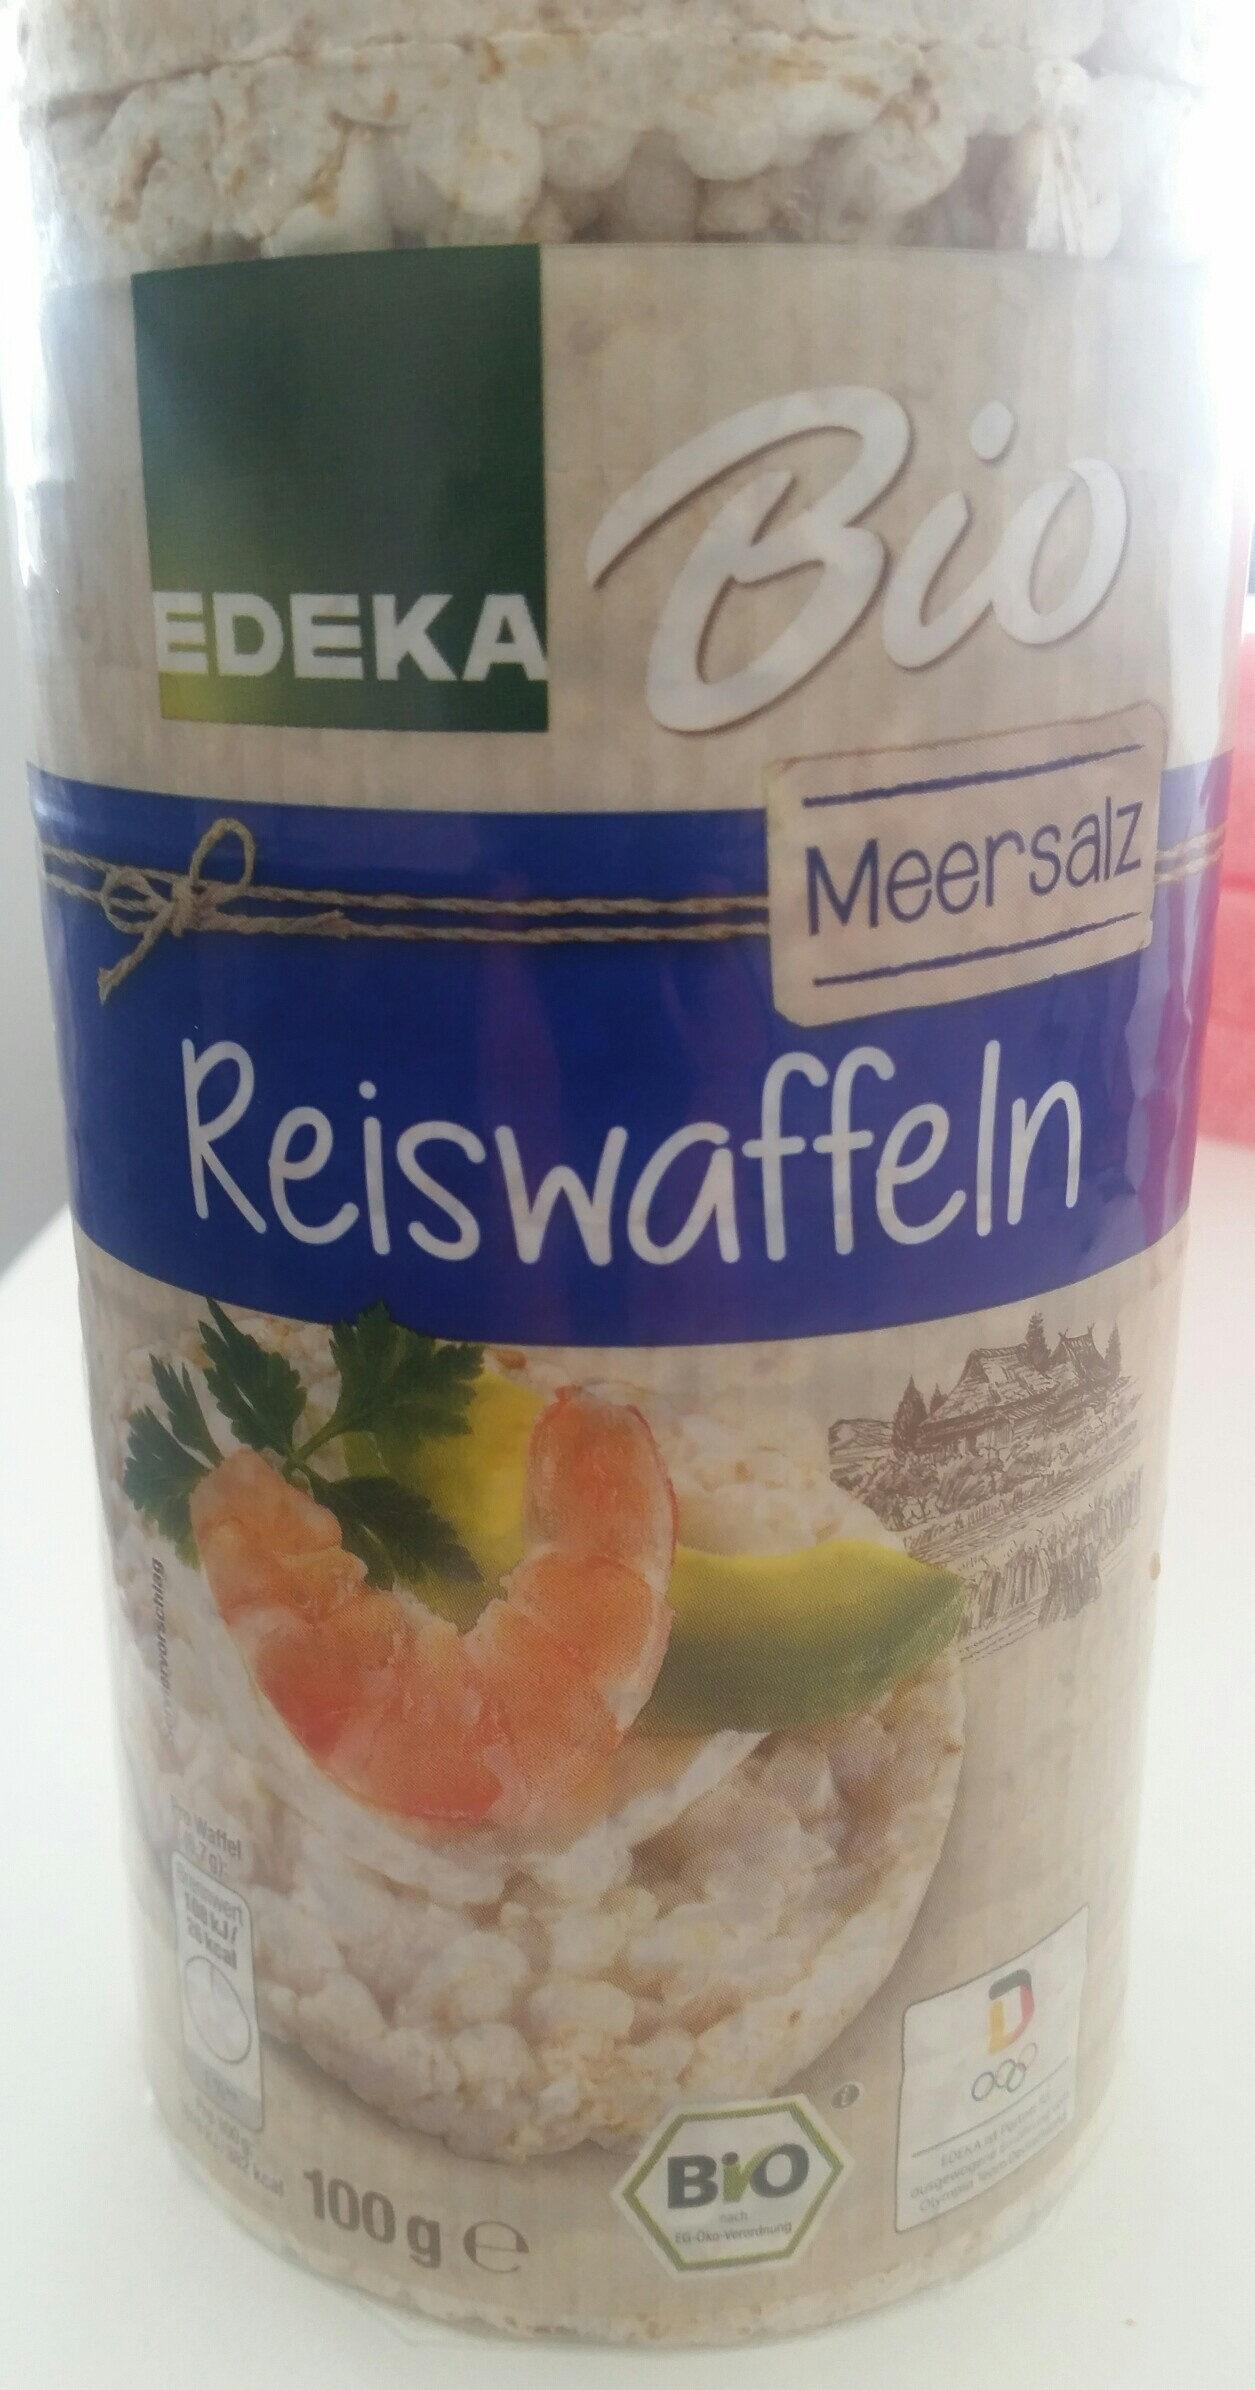 Edeka Bio Reiswaffeln mit Meersalz, Reiswaffeln - Produkt